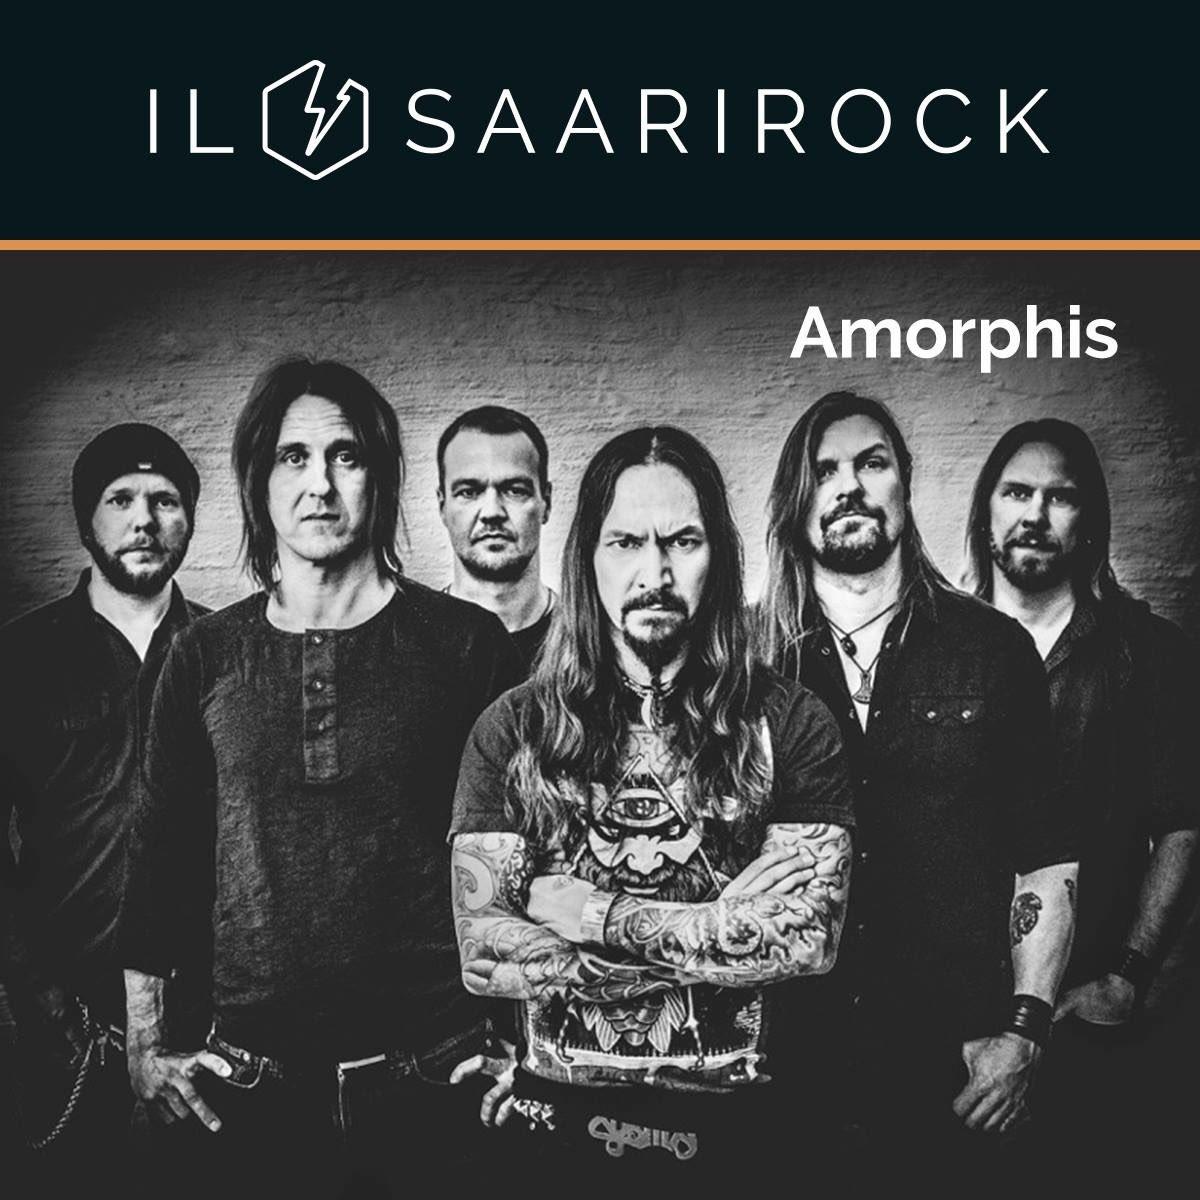 Joensuu @Ilosaarirock 13.-15.7.2018 🇫🇮🤘#amorphis #ilosaarirock https://t.co/09FeuDUia1